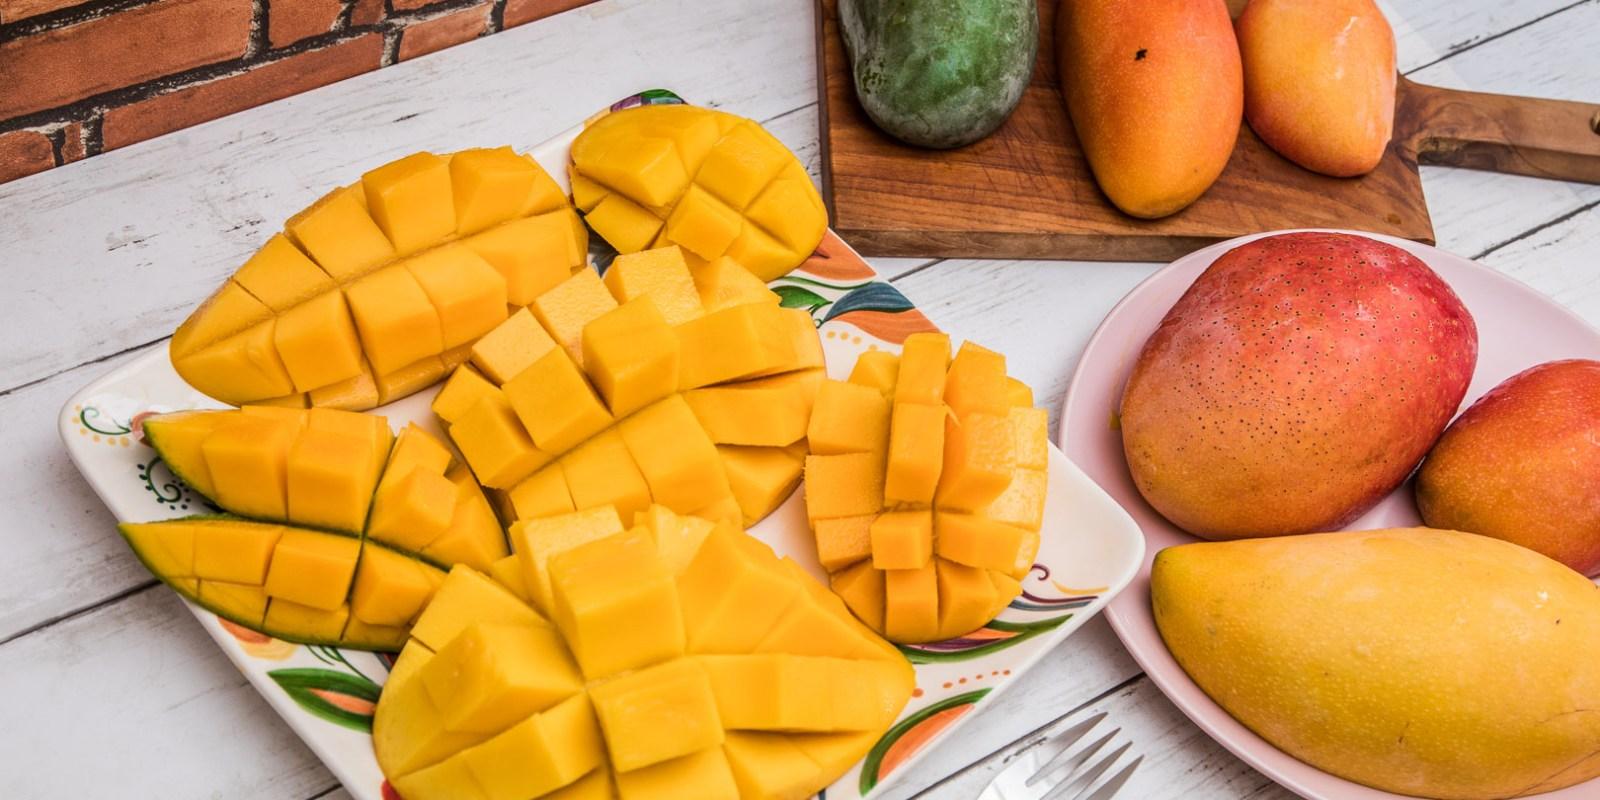 芒果小吉盒!盛夏芒果大集合!你認得幾種芒果?竟然有綠色的芒果?!珍稀芒果這一盒都能吃到!